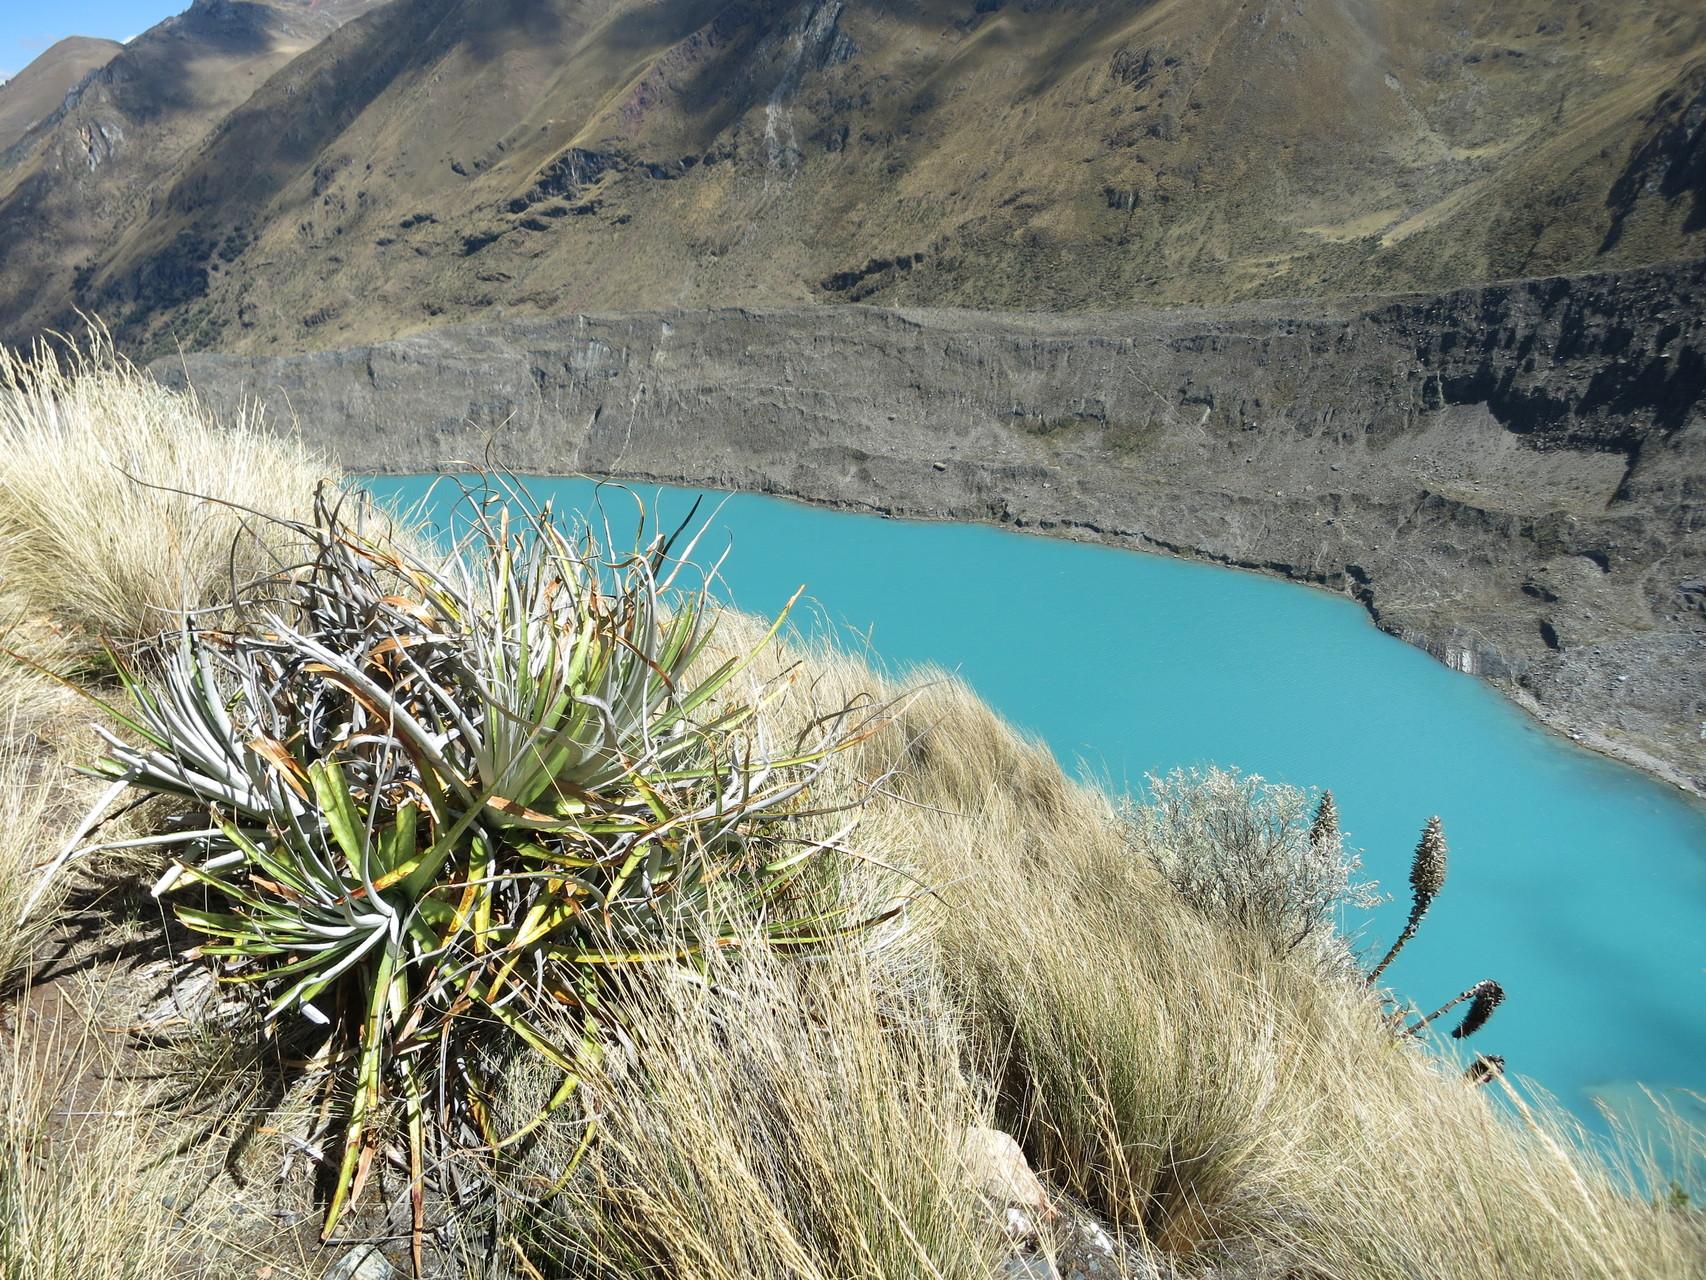 Kaktus, See und oben Gletscher...einmalig!